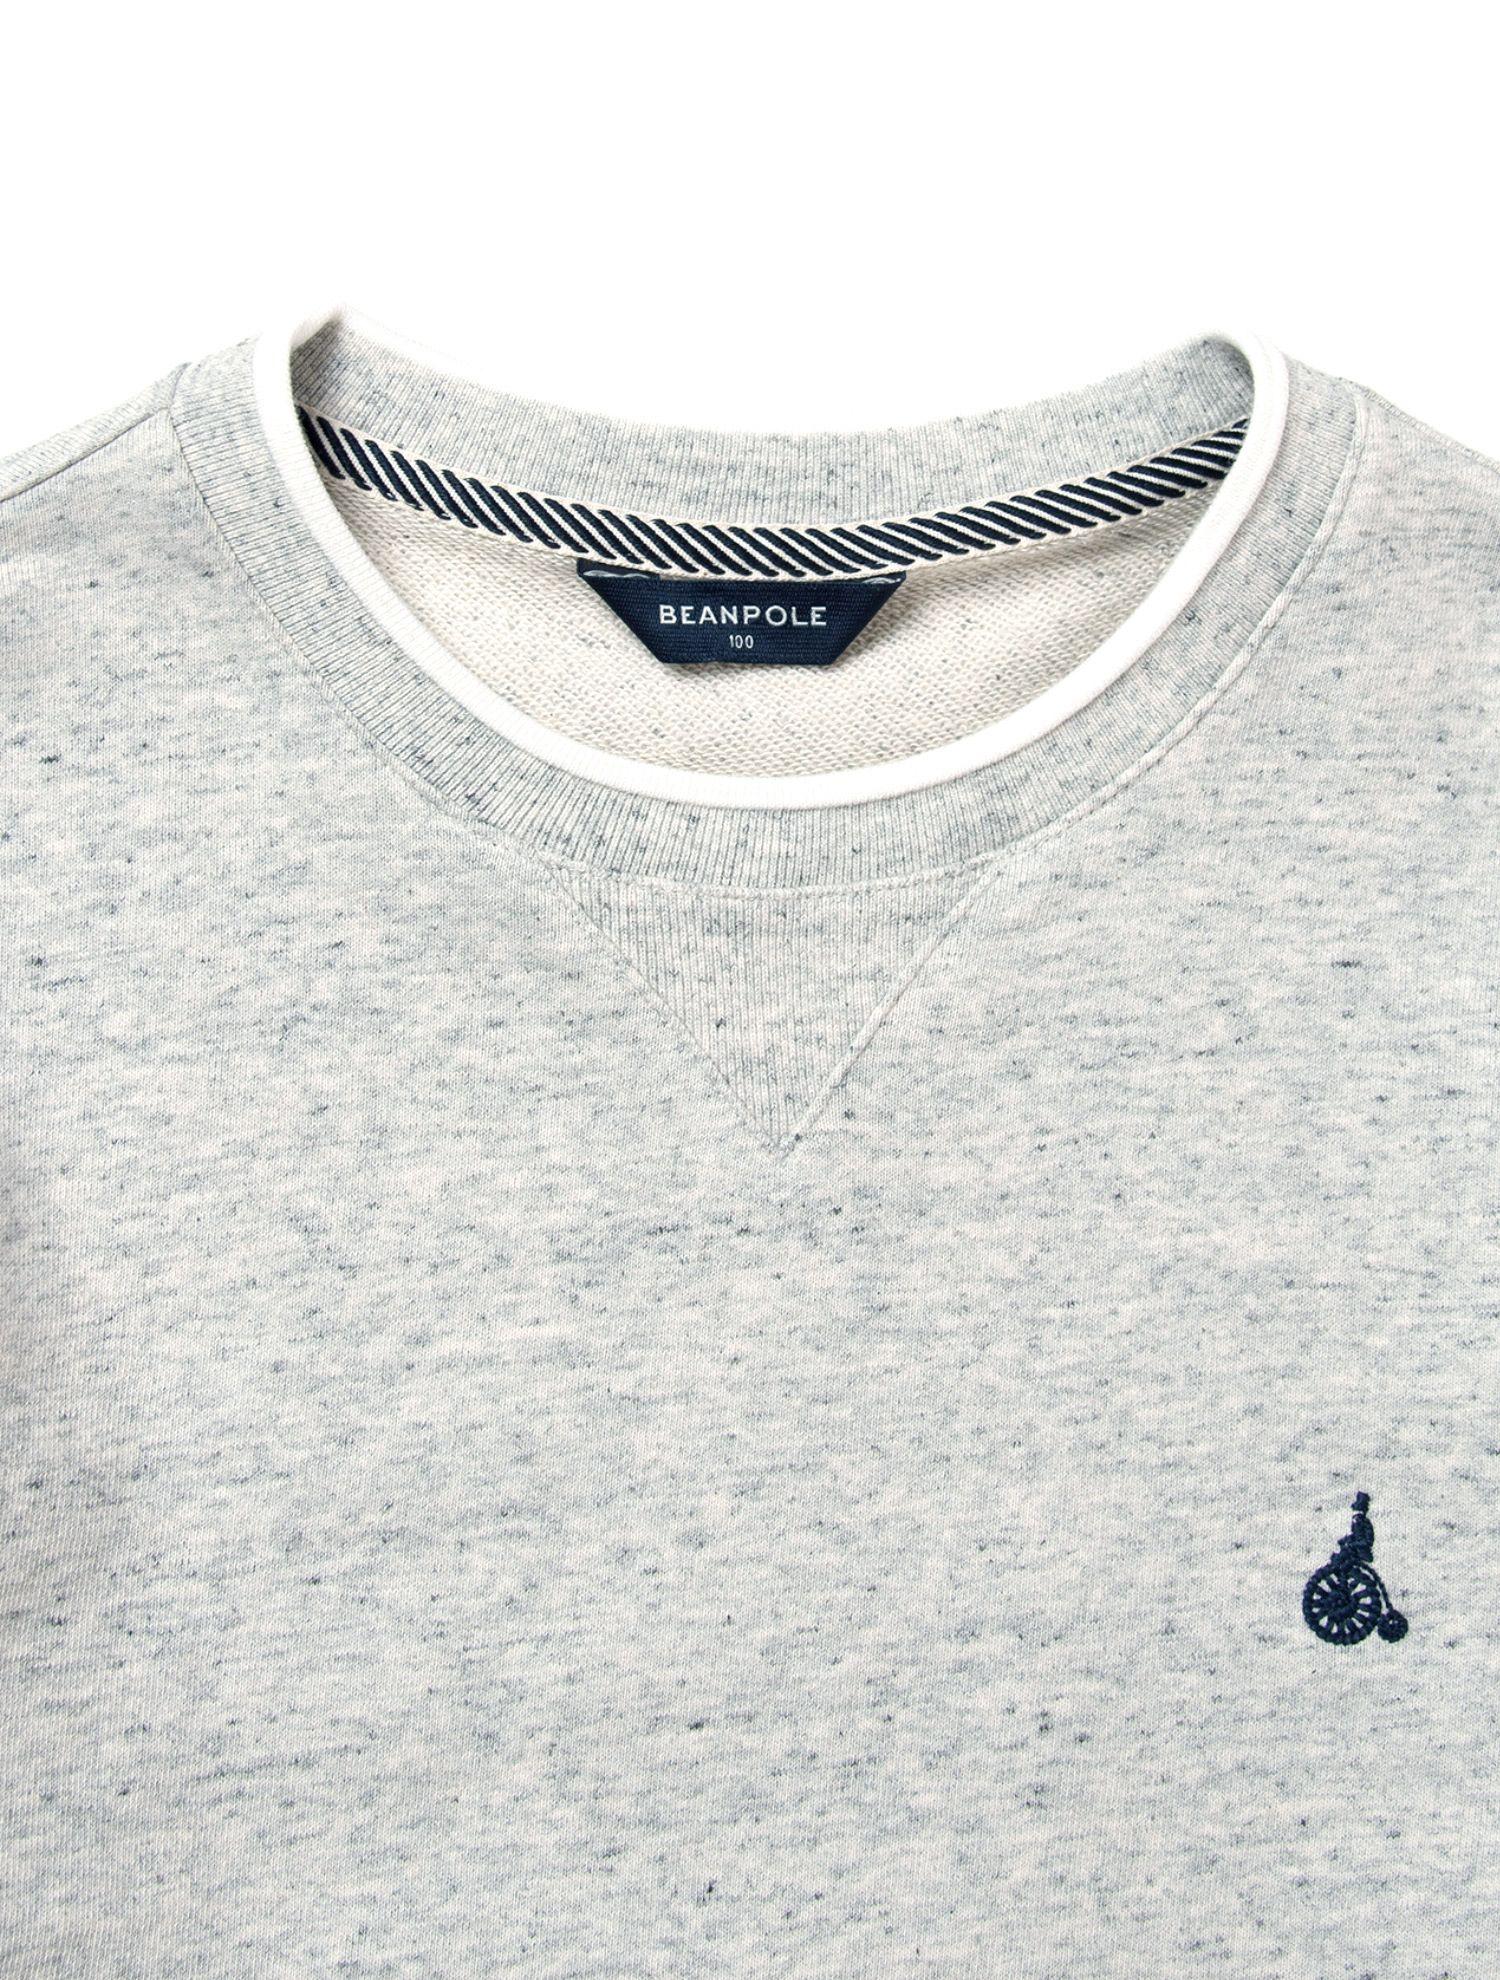 빈폴맨의 티핑 포인트 맨투맨 티셔츠입니다. 소매와 밑단 리브 부분에 포인트 배색을 더한 맨투맨입니다. 입체 조직을 사용해 겉감이 고급스러우며 심플한 디자인으로 활용도 높은 아이템입니다.